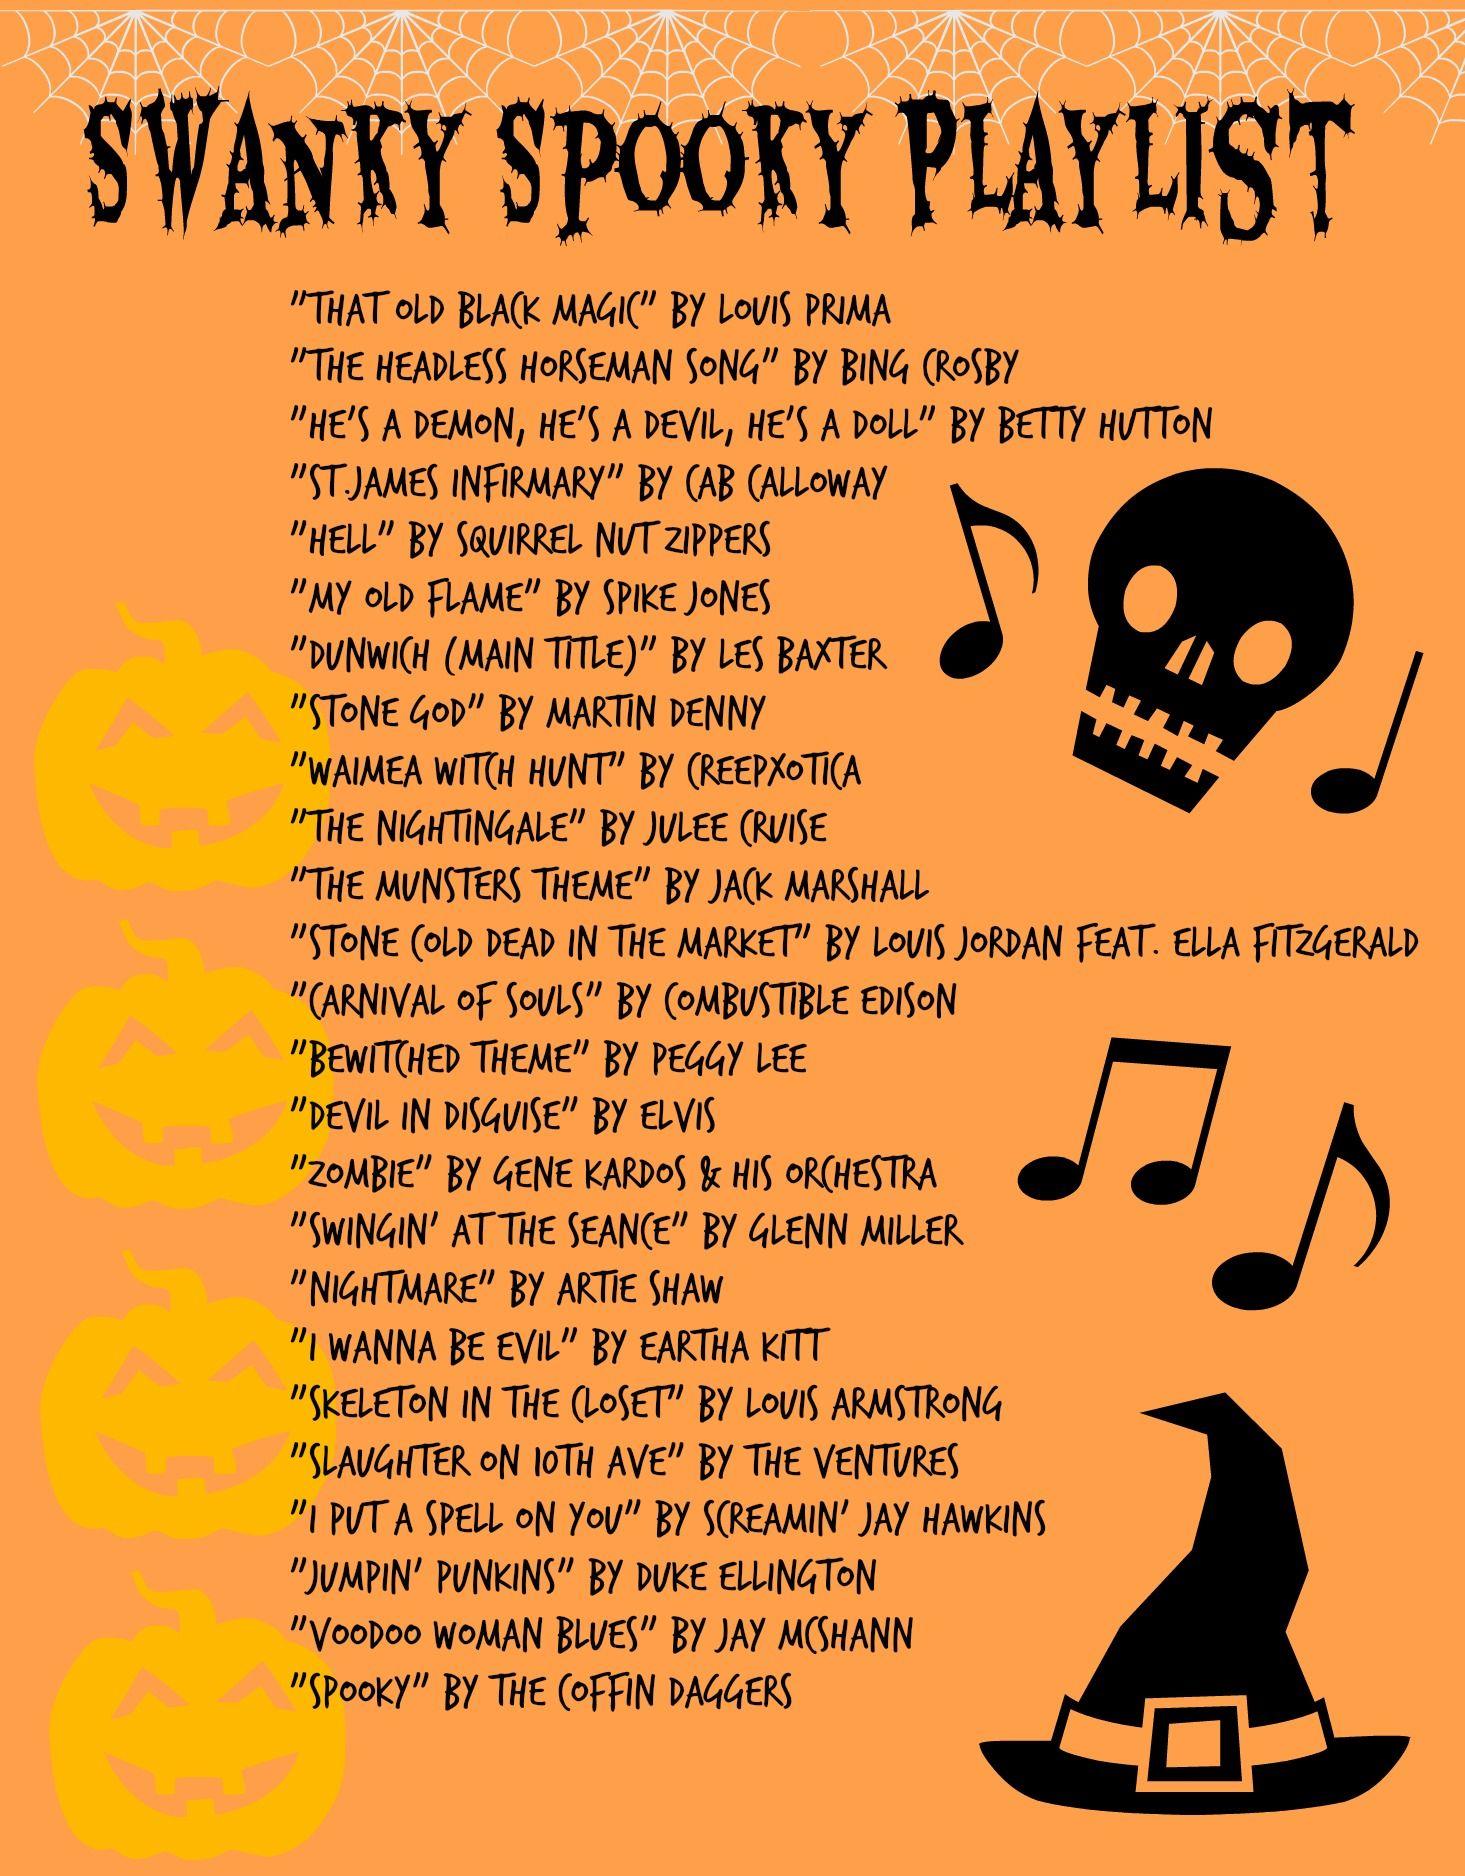 Swanky Spooky Playlist. 40s, 50s, Rockabilly music